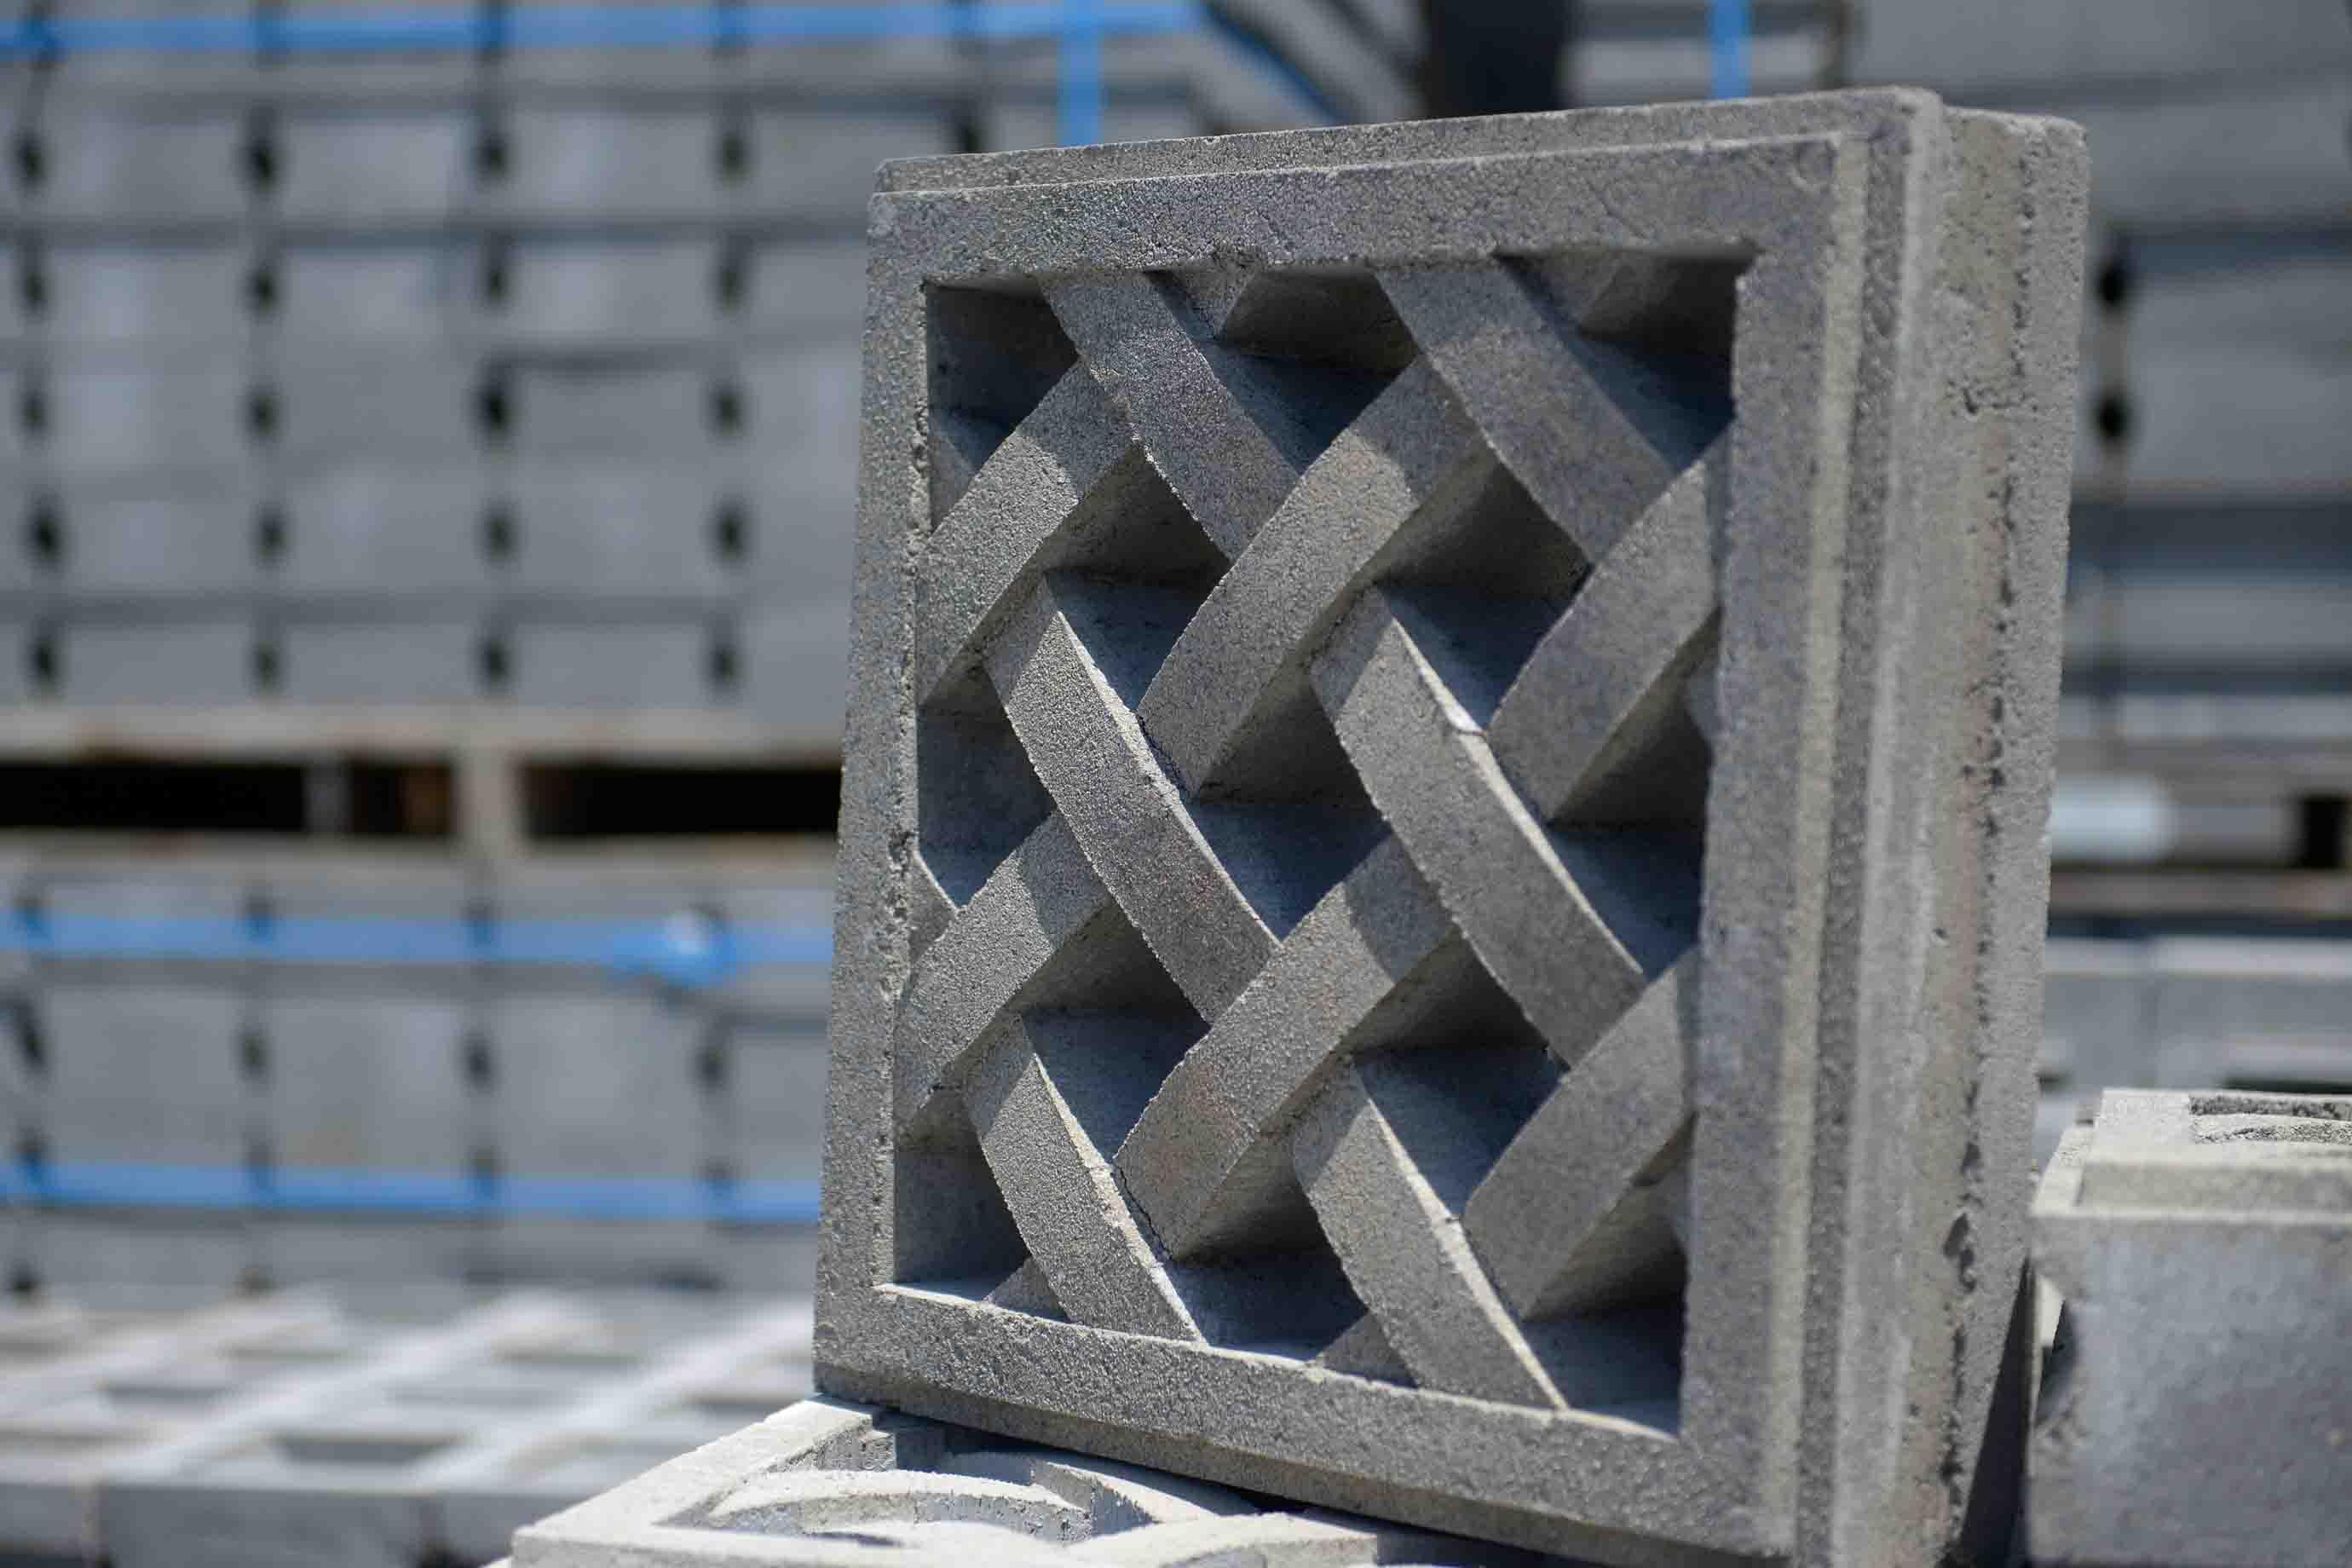 編み物のように立体感のあるラインが折り重なるデザインは、製造が特に難しいのだそう